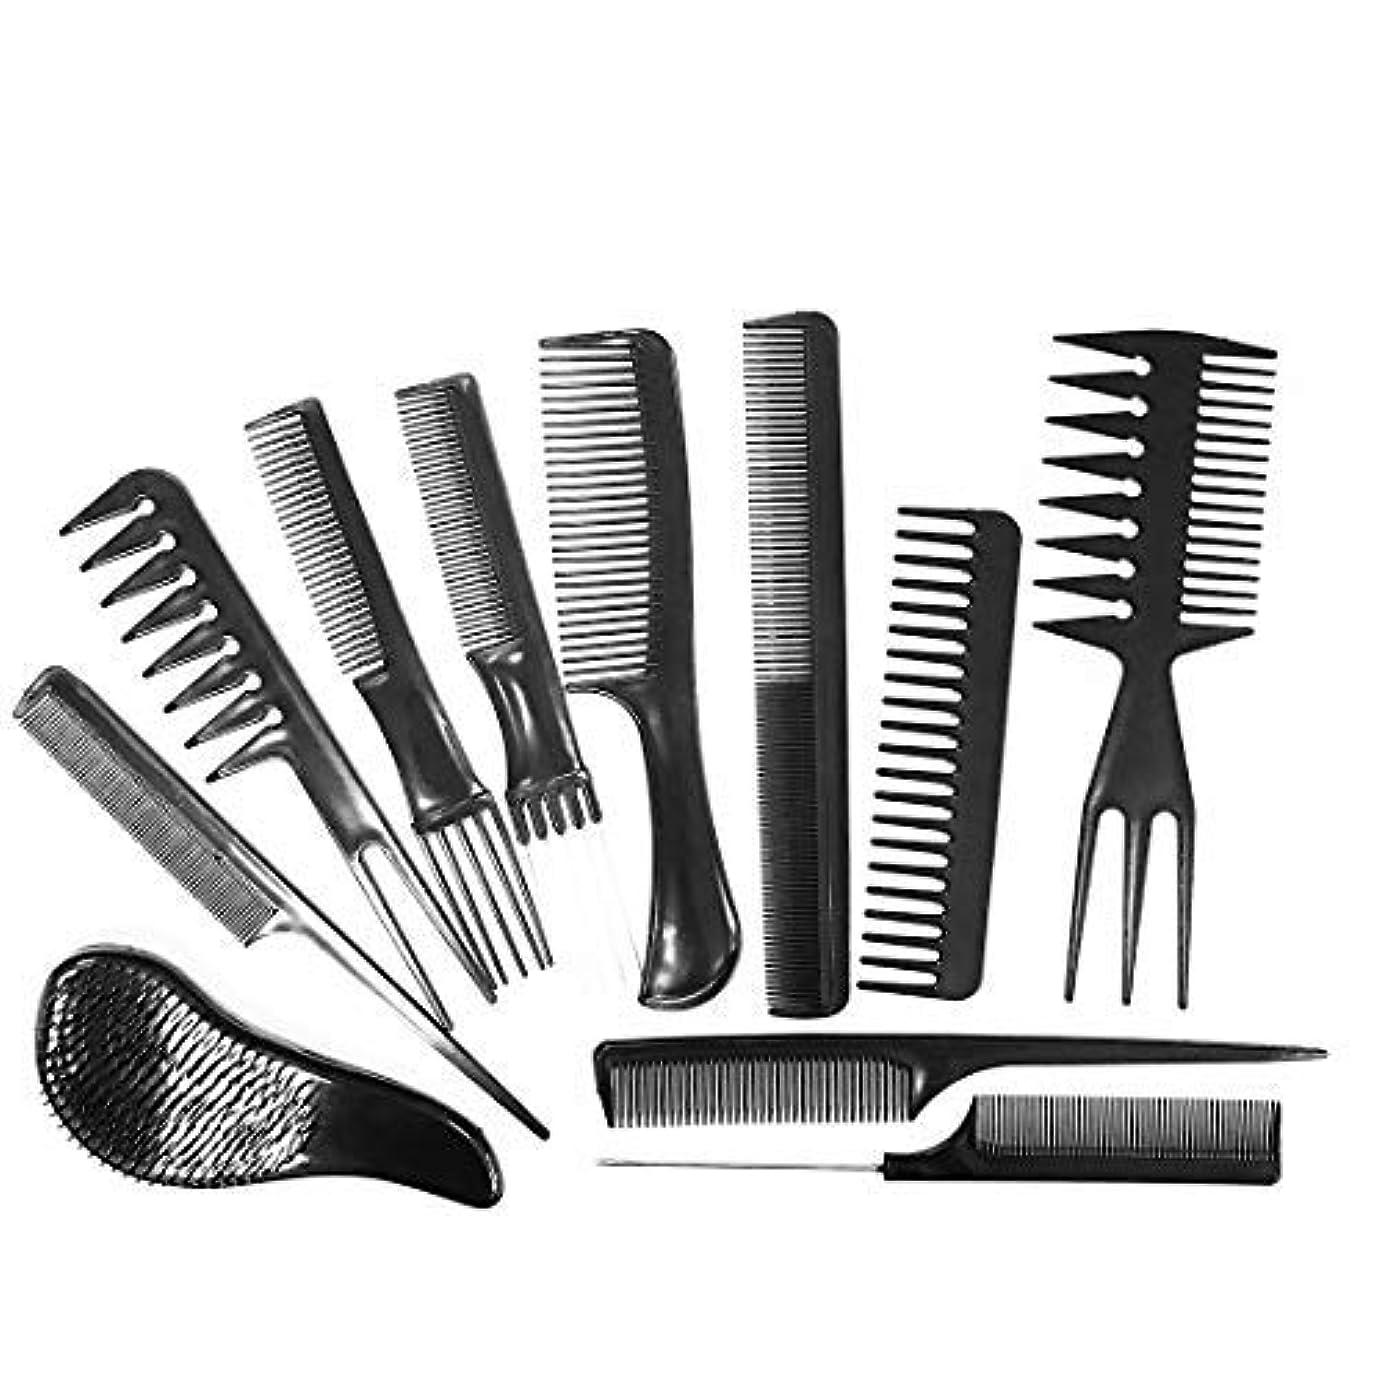 区叫ぶカバーDaimay Professional Hair Styling Comb Set Hair Styling Clips Salon Hair Styling Barbers Comb Set Variety Pack of 11 for All Hair Types - Black [並行輸入品]